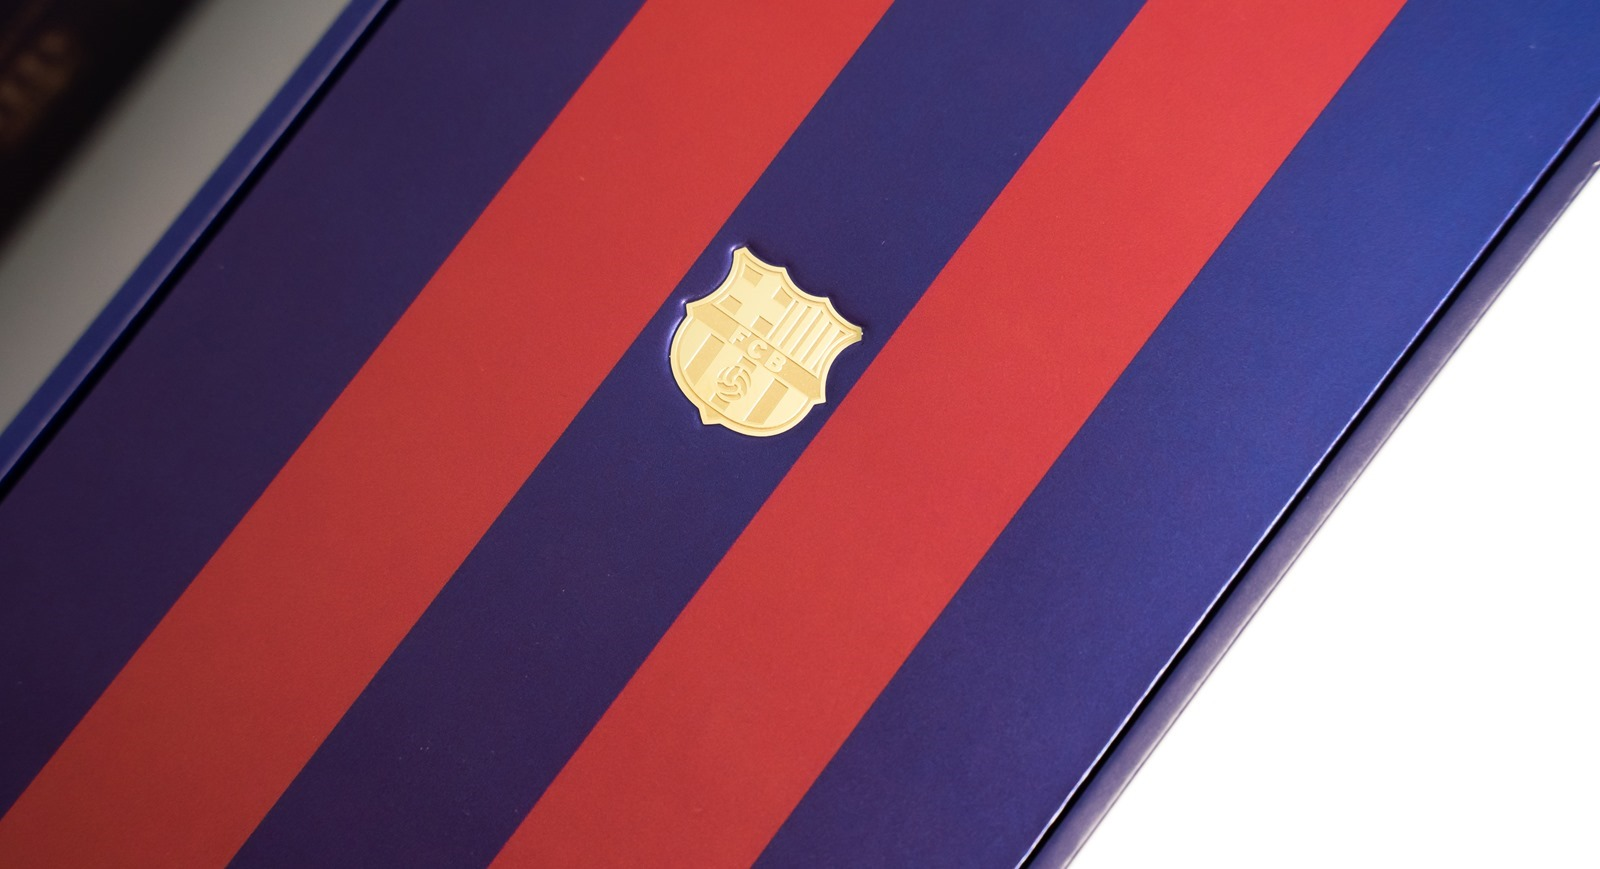 7/26 登場搶先開箱!OPPO Reno 紅藍巴薩限量版 台灣搶先開箱(OPPO Reno 10x zoom FC Barcelona Edition unboxing)@3C 達人廖阿輝